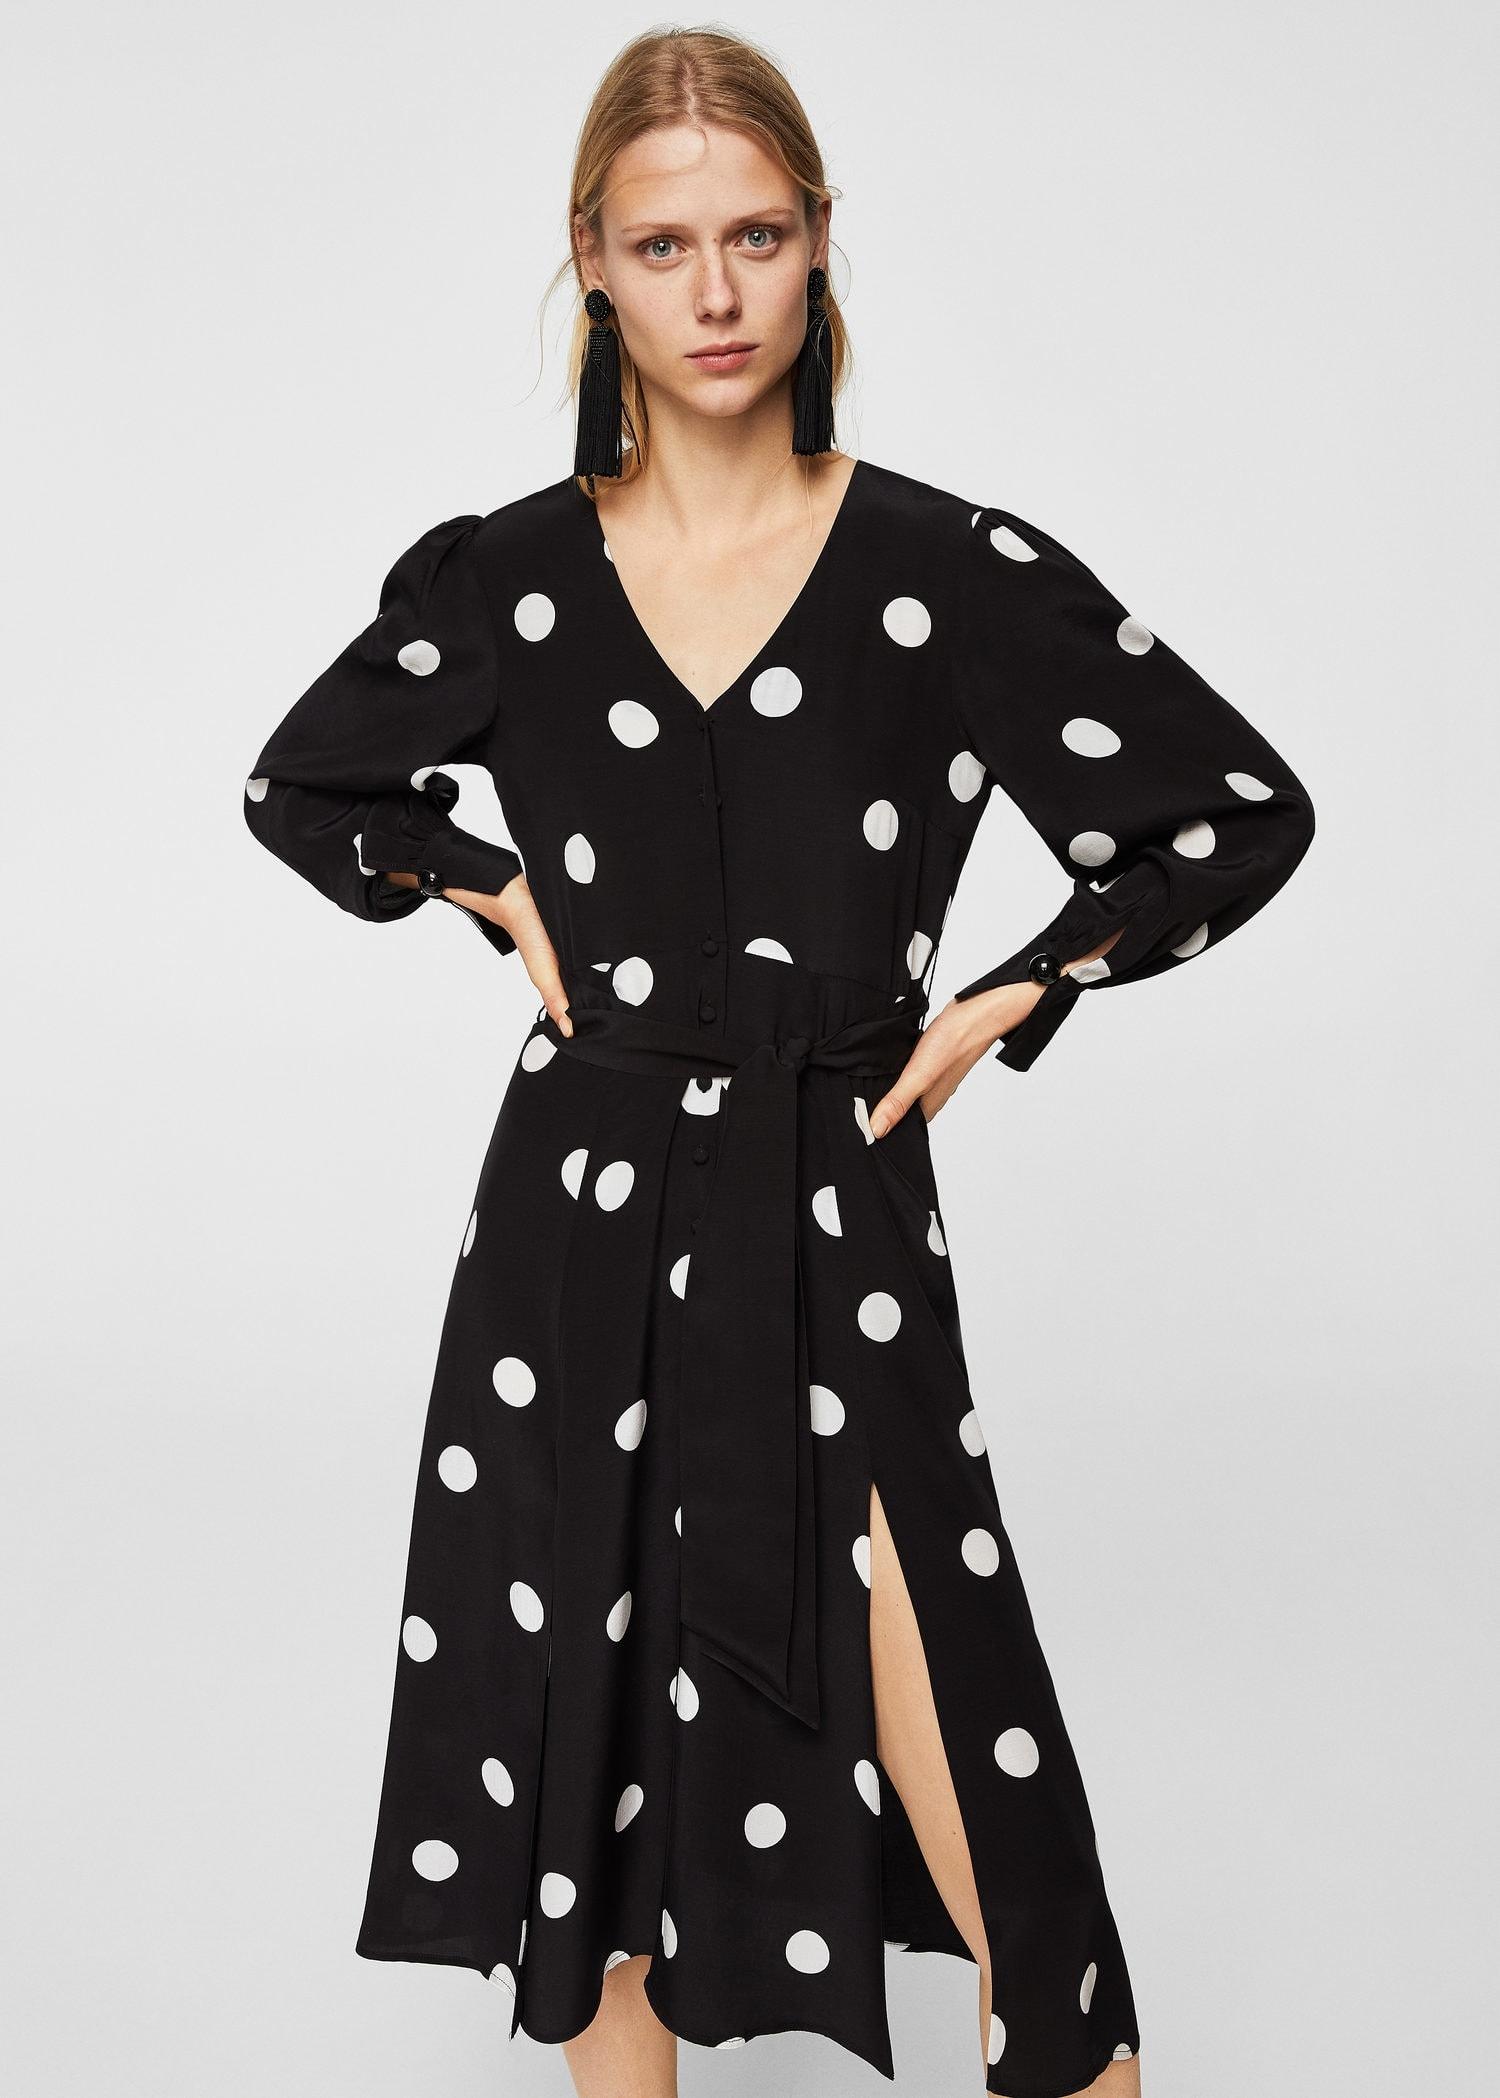 4d471d61ab Mango czarna długa sukienka w białe grochy blogi S - 7750859303 ...